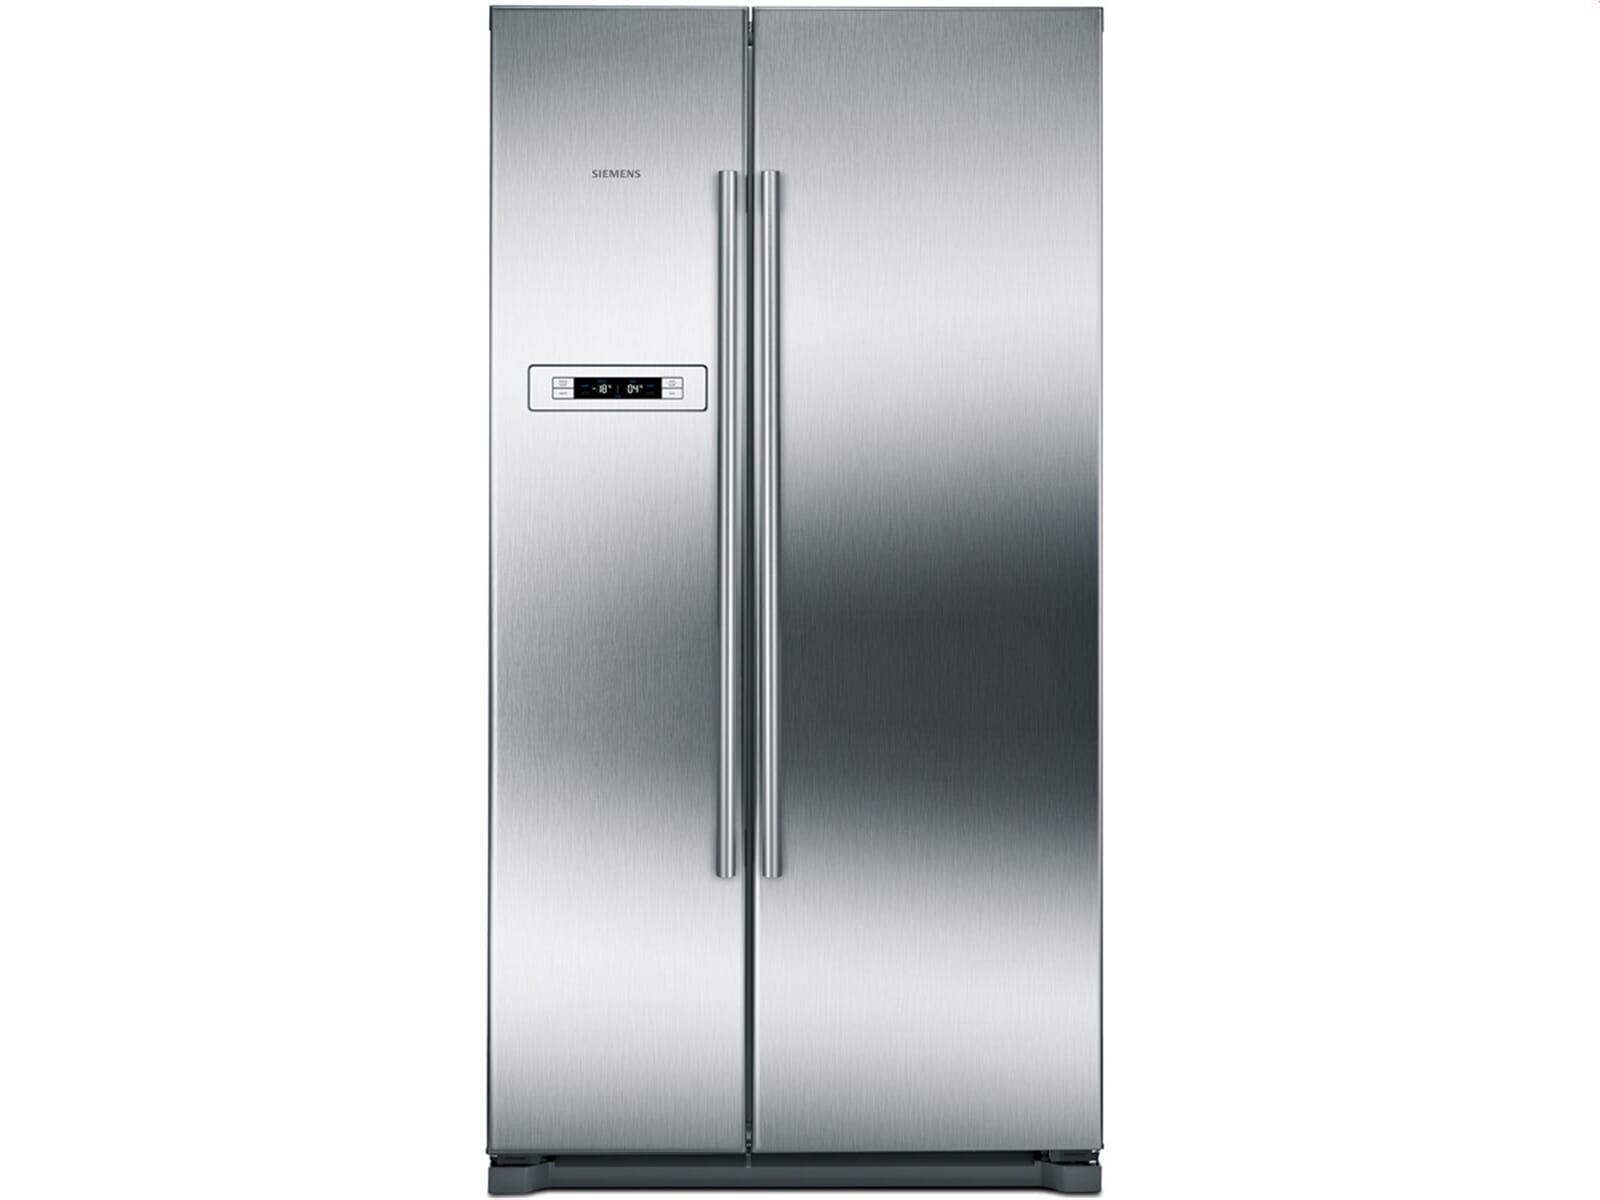 Aeg Unterbau Kühlschrank 50 Cm Breit : Unterbaukühlschrank cm breit möbel von gorenje günstig online